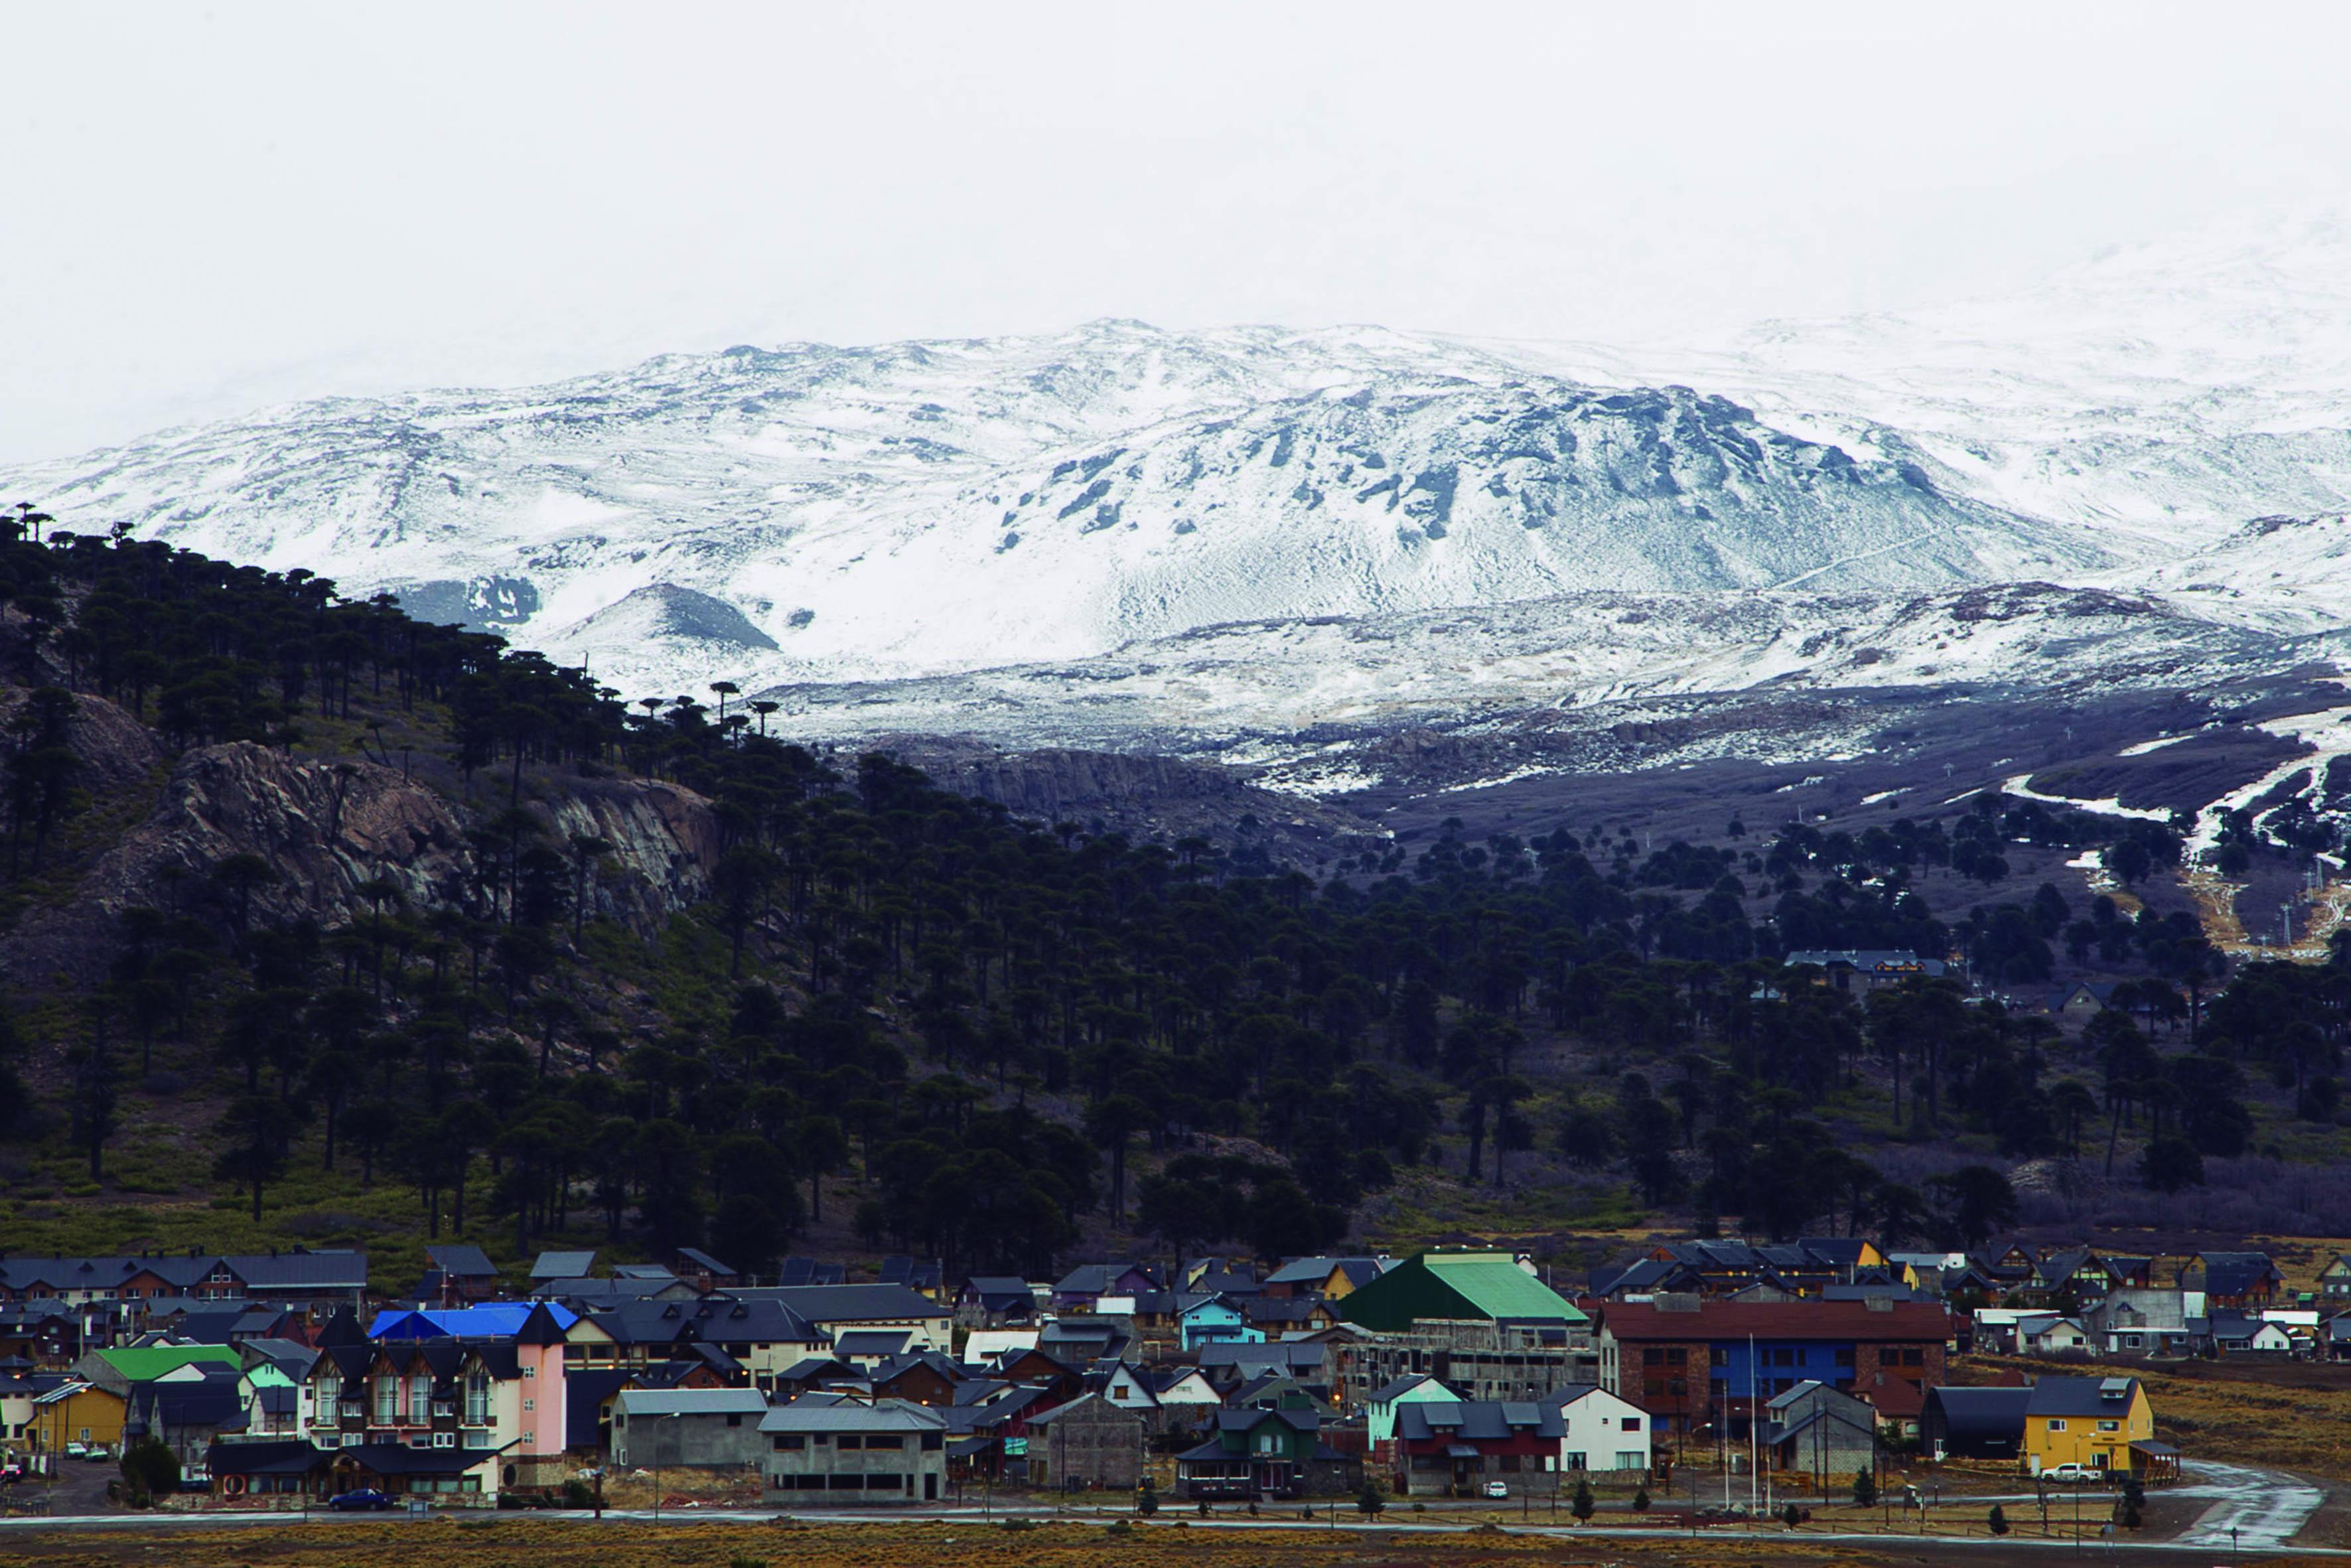 El ISSN invita a afiliados a seguir disfrutando de la nieve en Caviahue